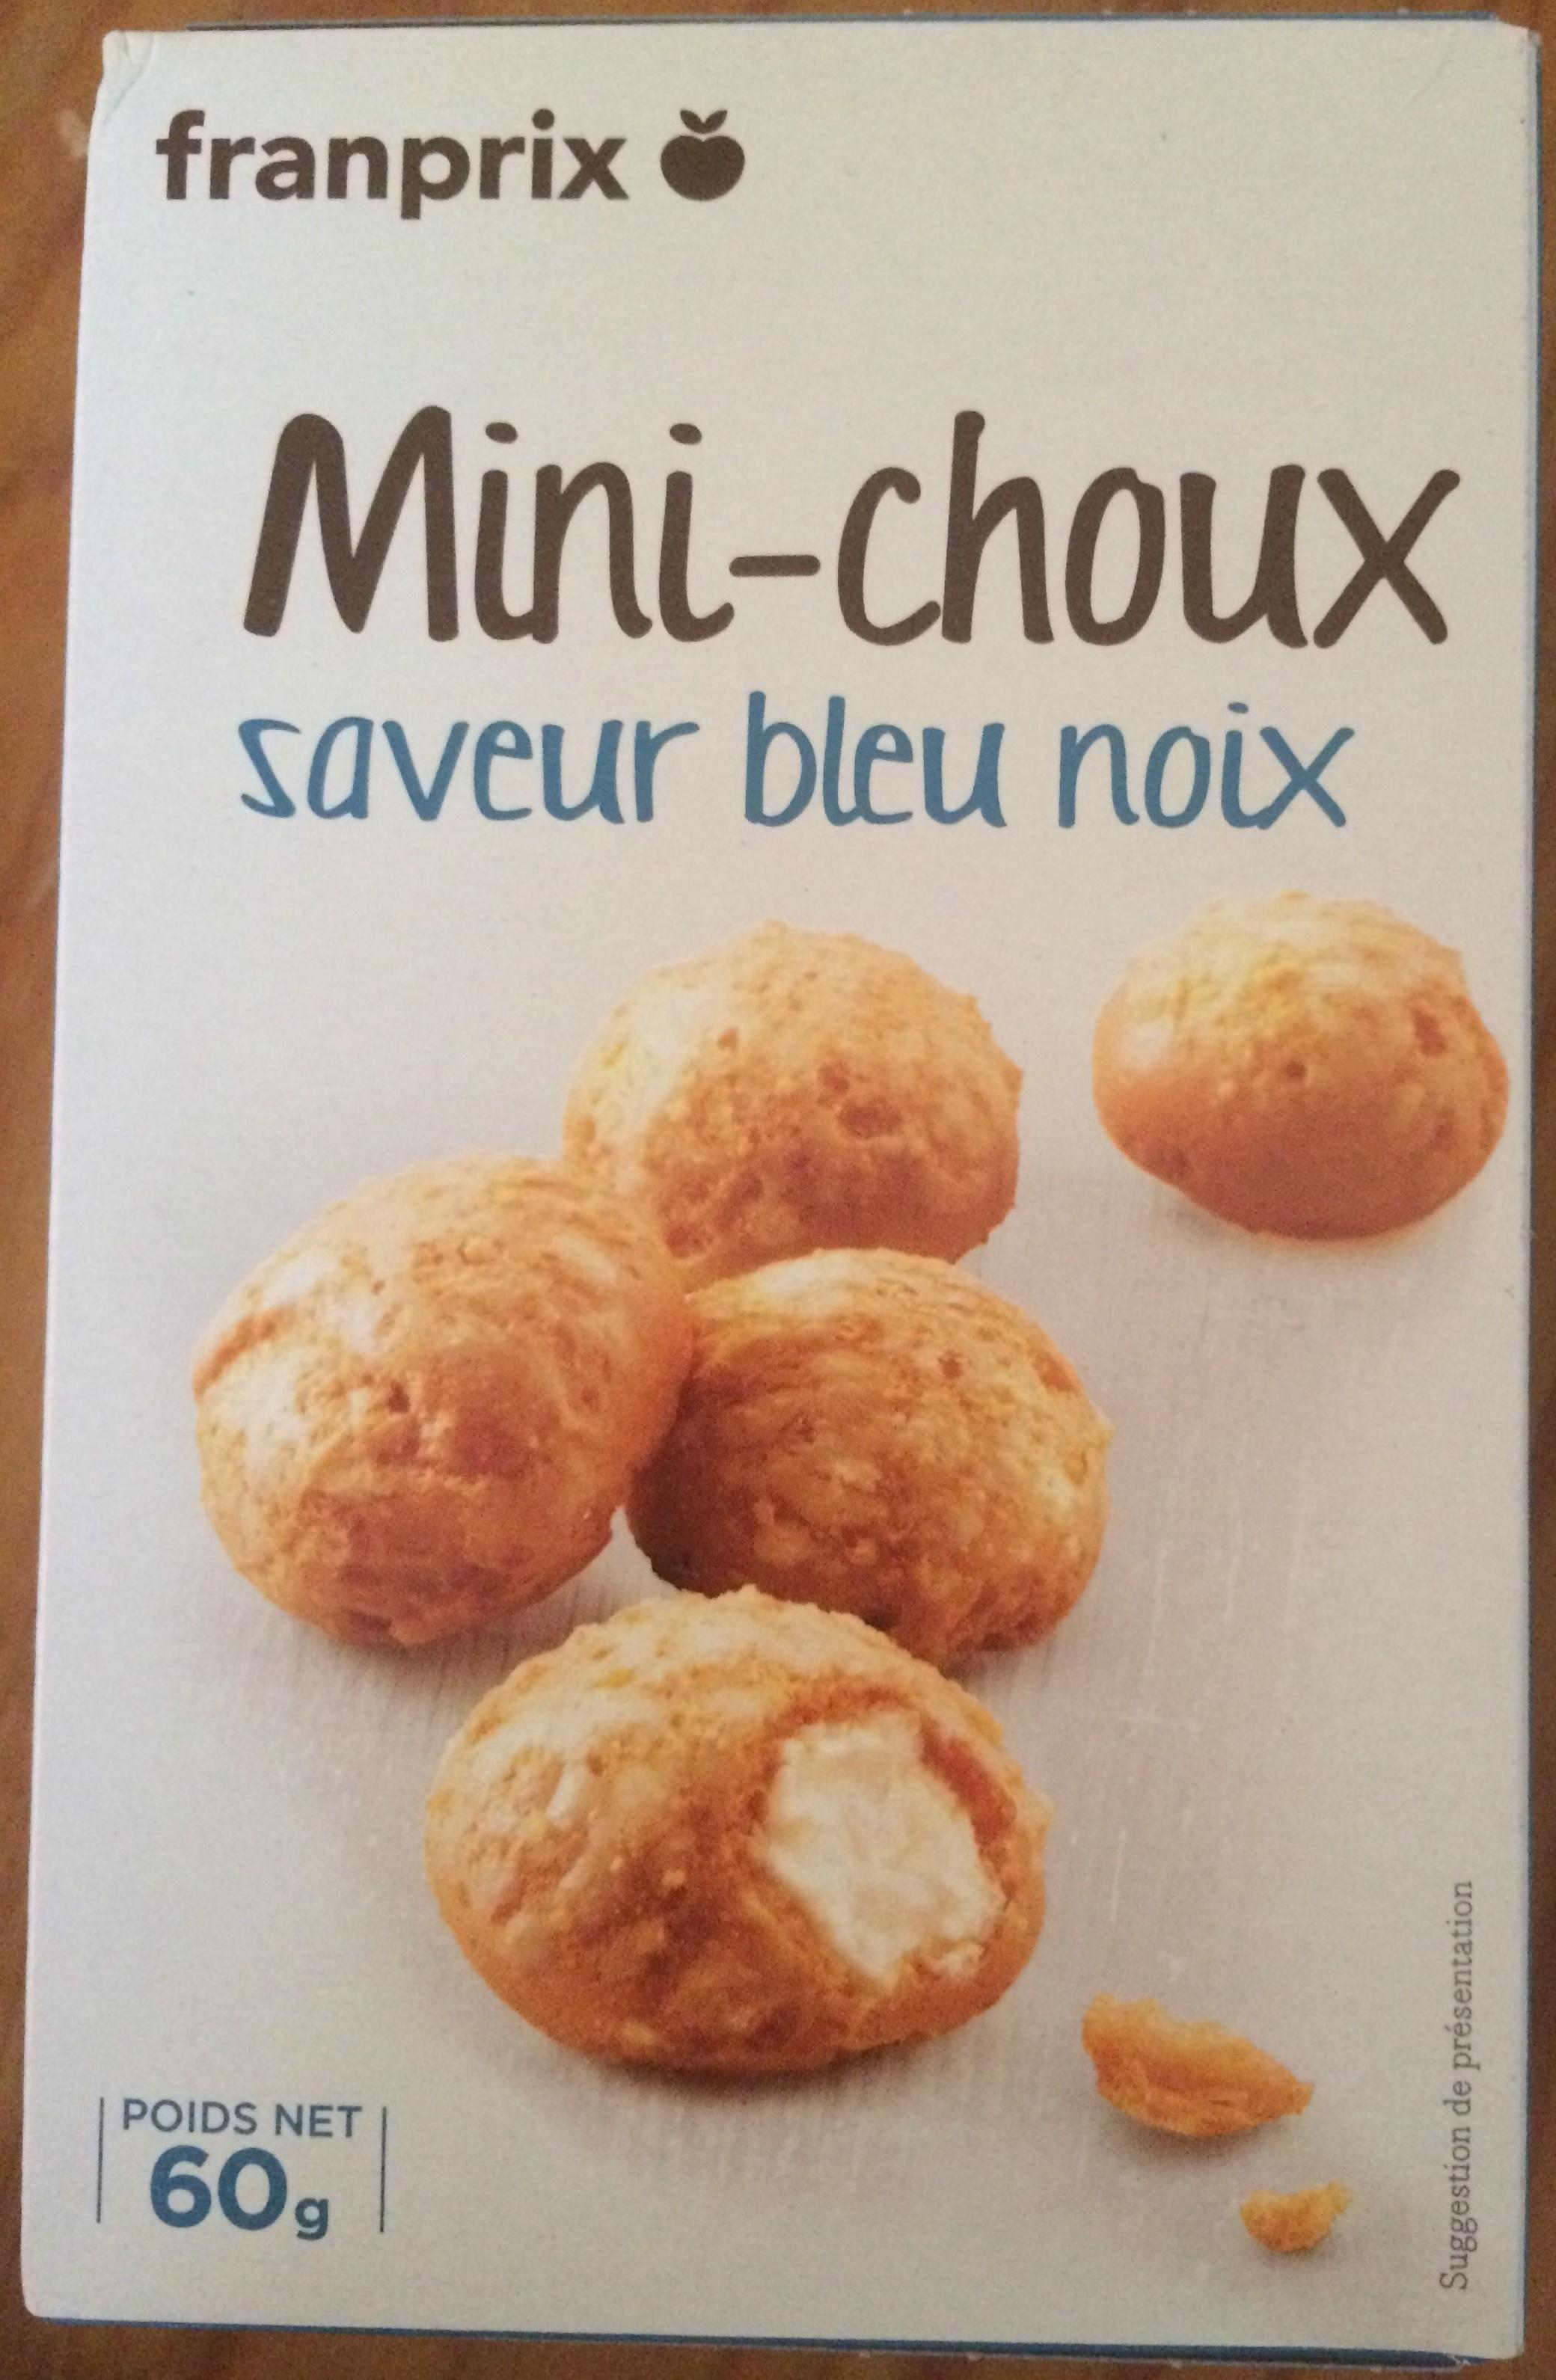 Mini-choux saveur bleu noix - Product